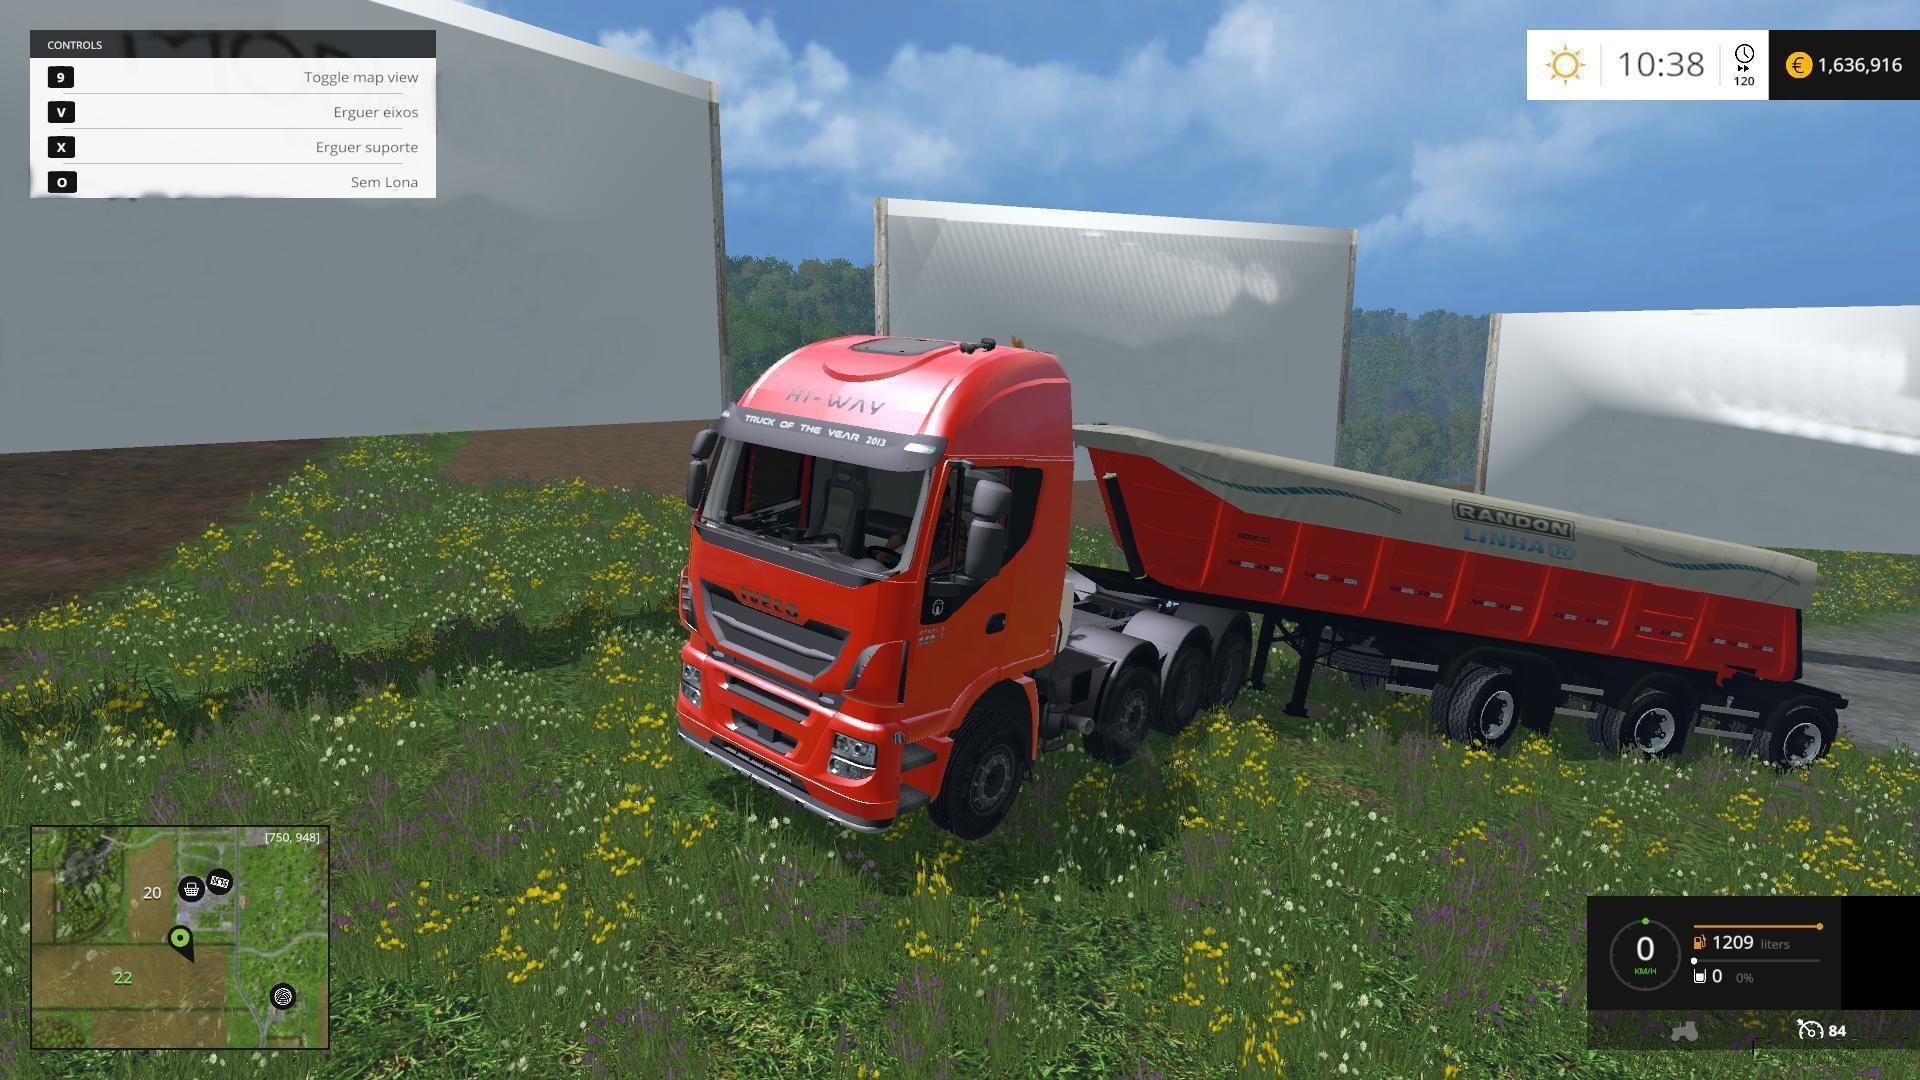 1424170565_iveco-stralis-560-8x4-trailer-v1_1-59